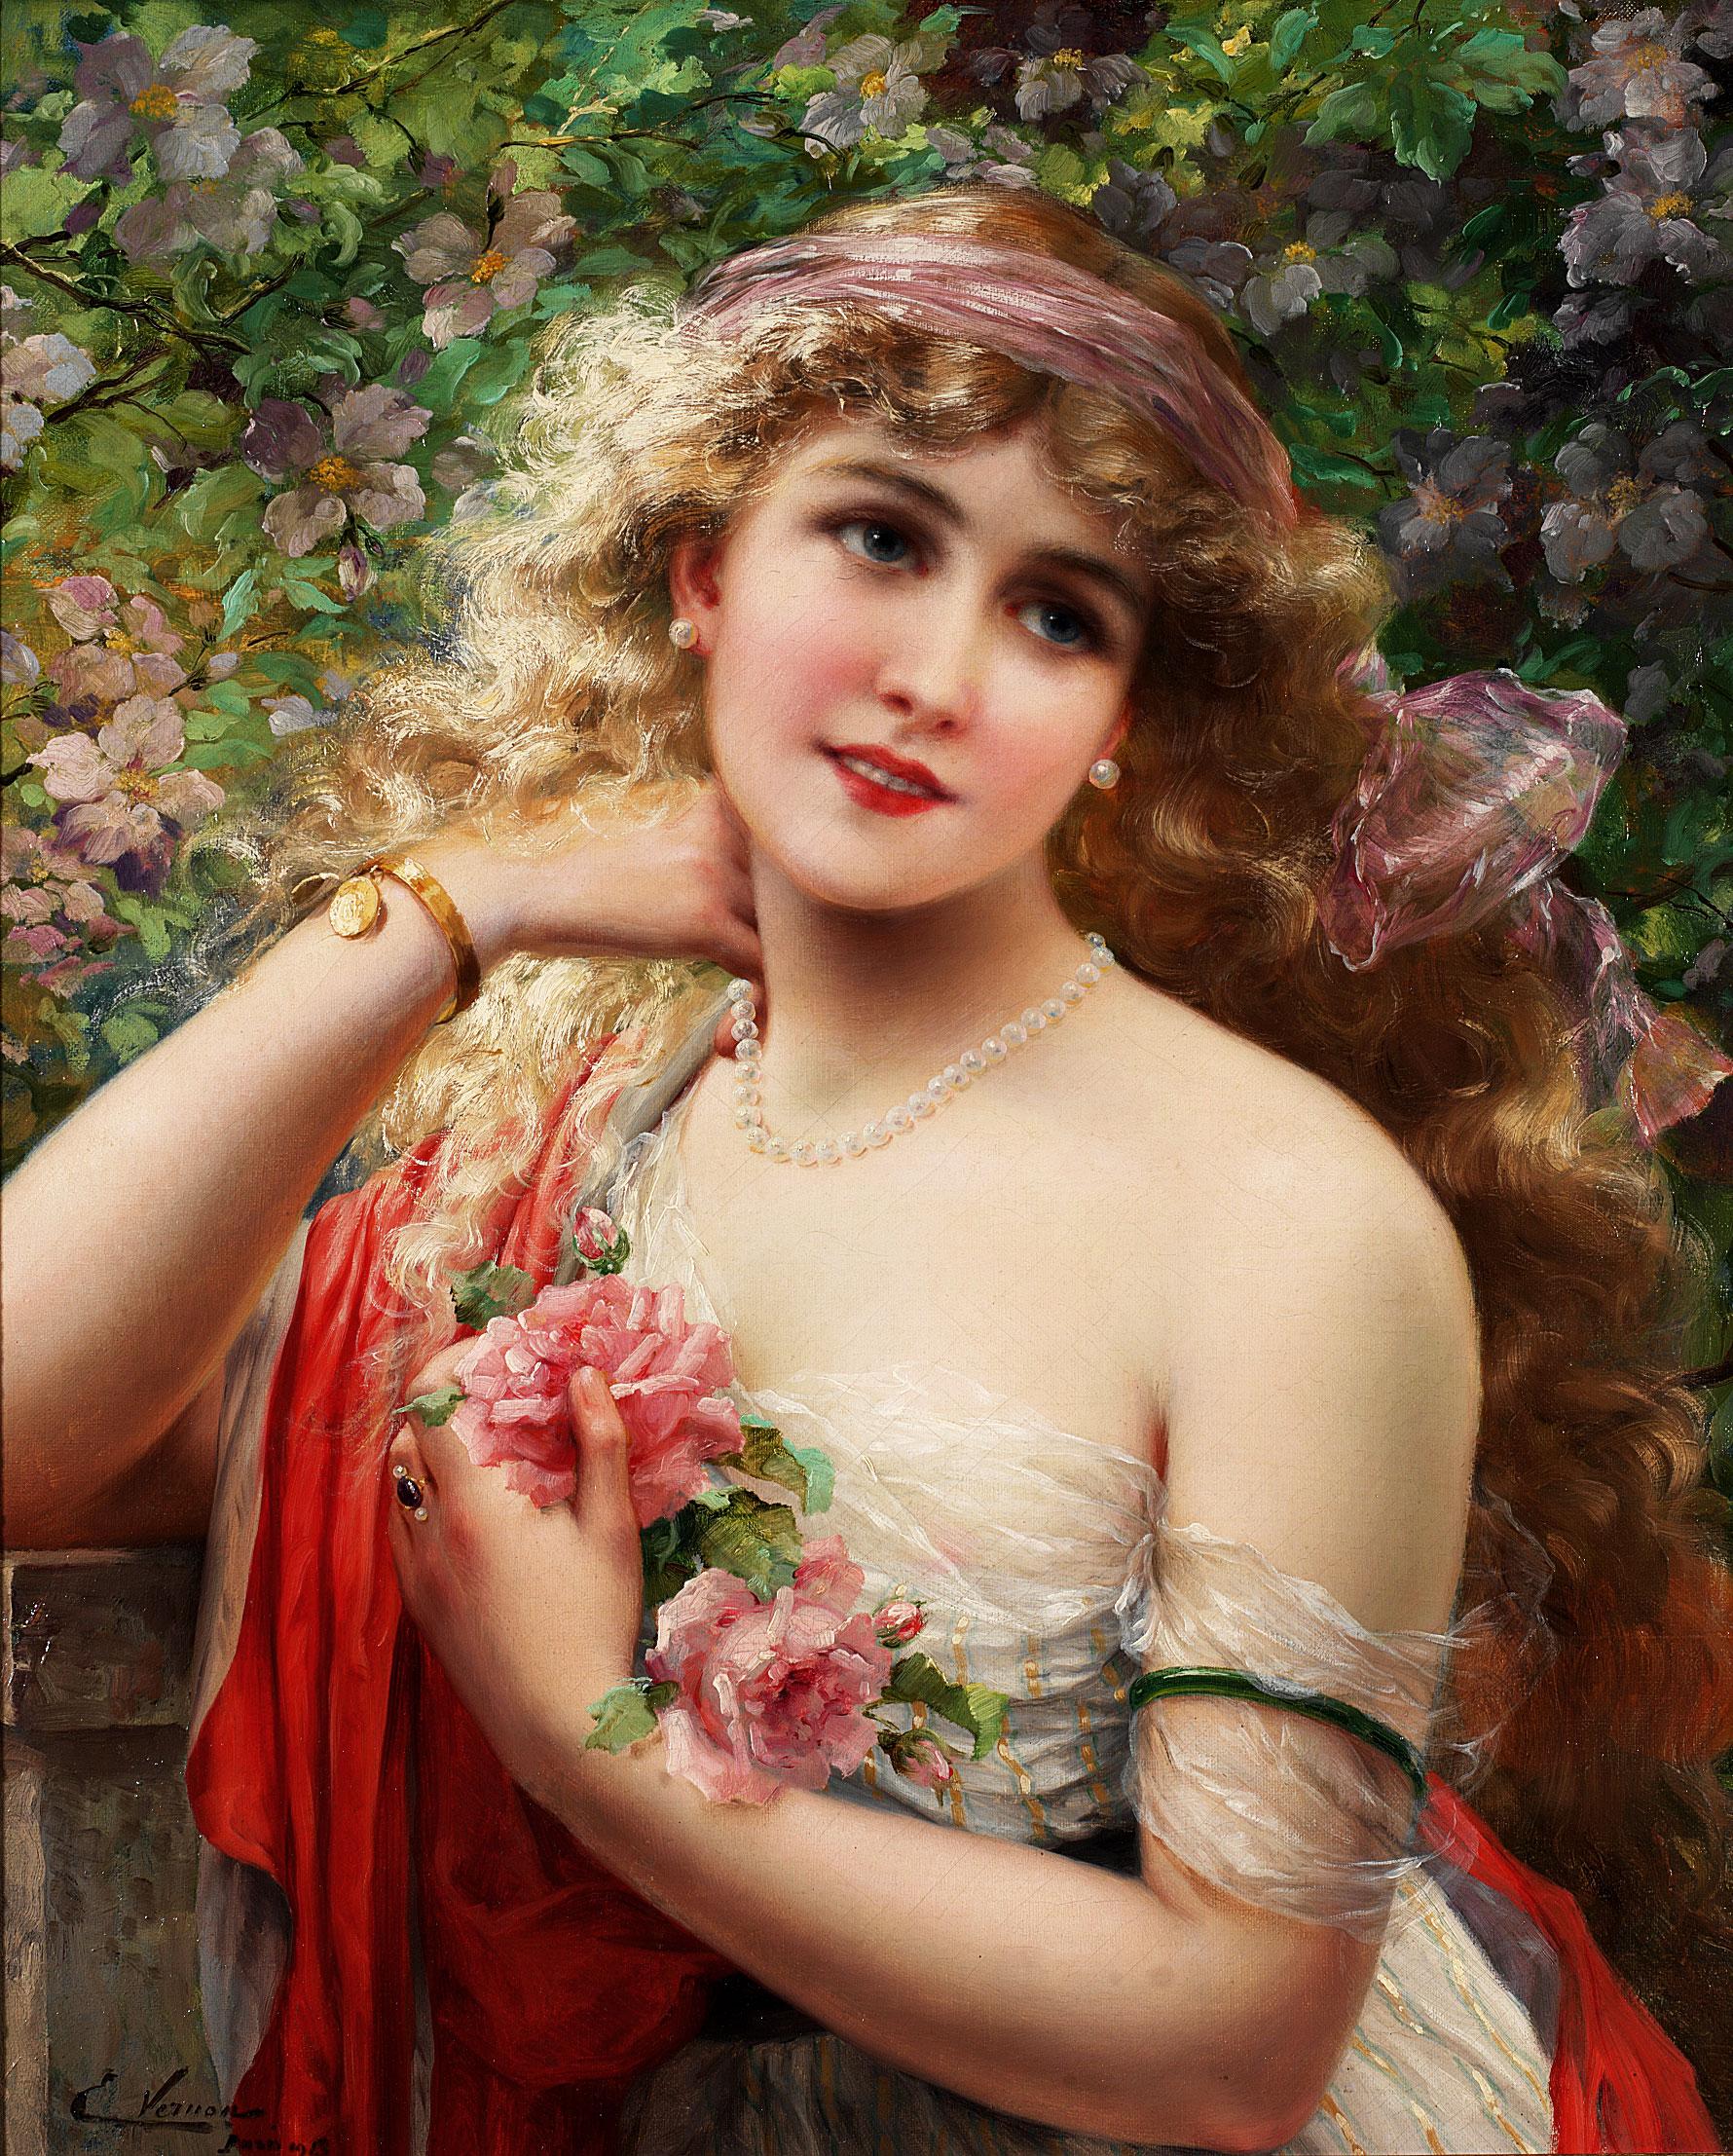 la belle aux roses